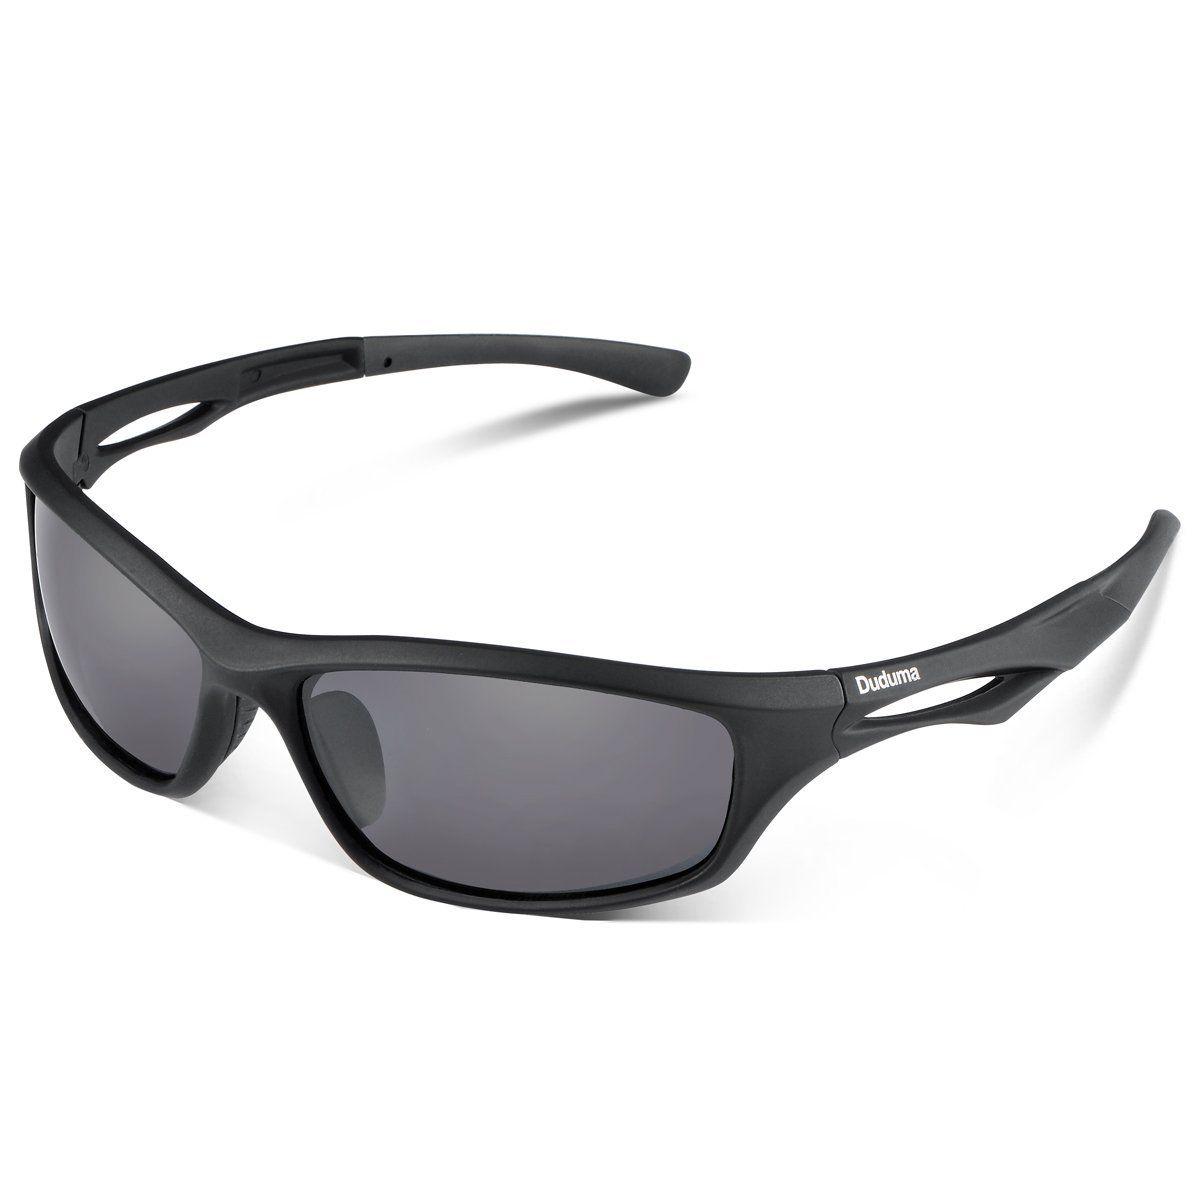 a460ea22206 Duco Gafas de sol deportivas polarizadas para hombre con ultraligero y marco  de metal irrompible